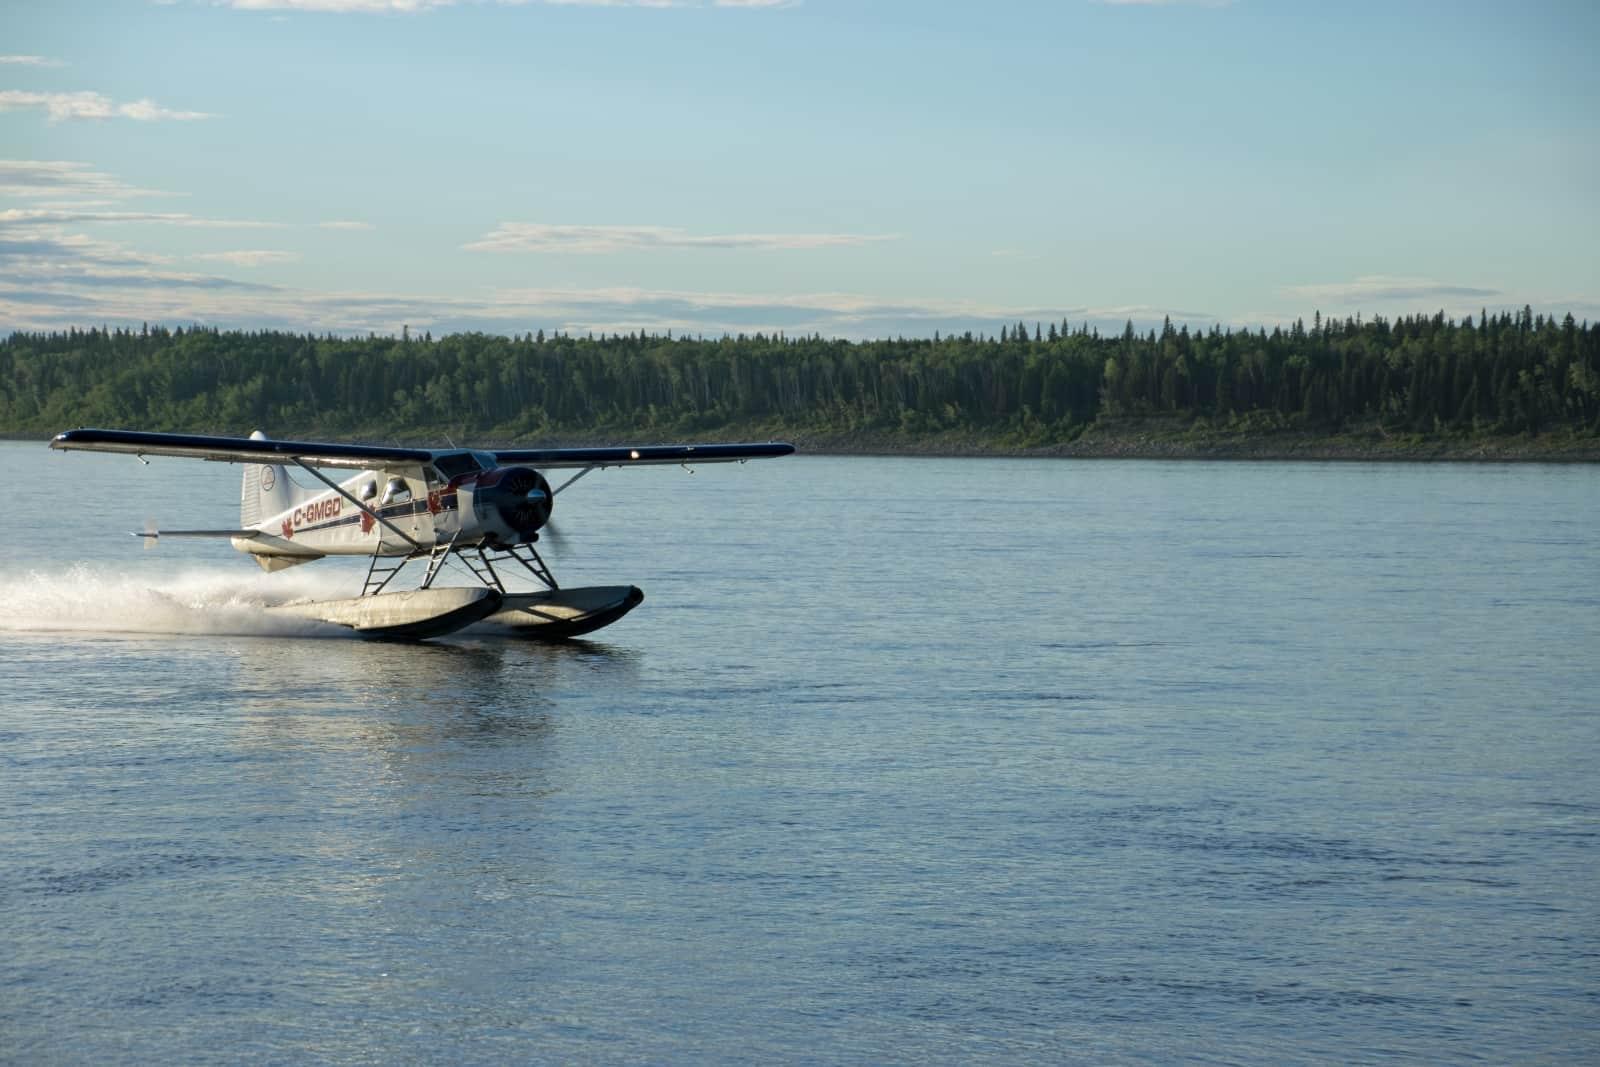 Das Verkehrsmittel in dieser Ecke der Northwest Territories ist das Wasserflugzeug. Foto Daniela Ganz